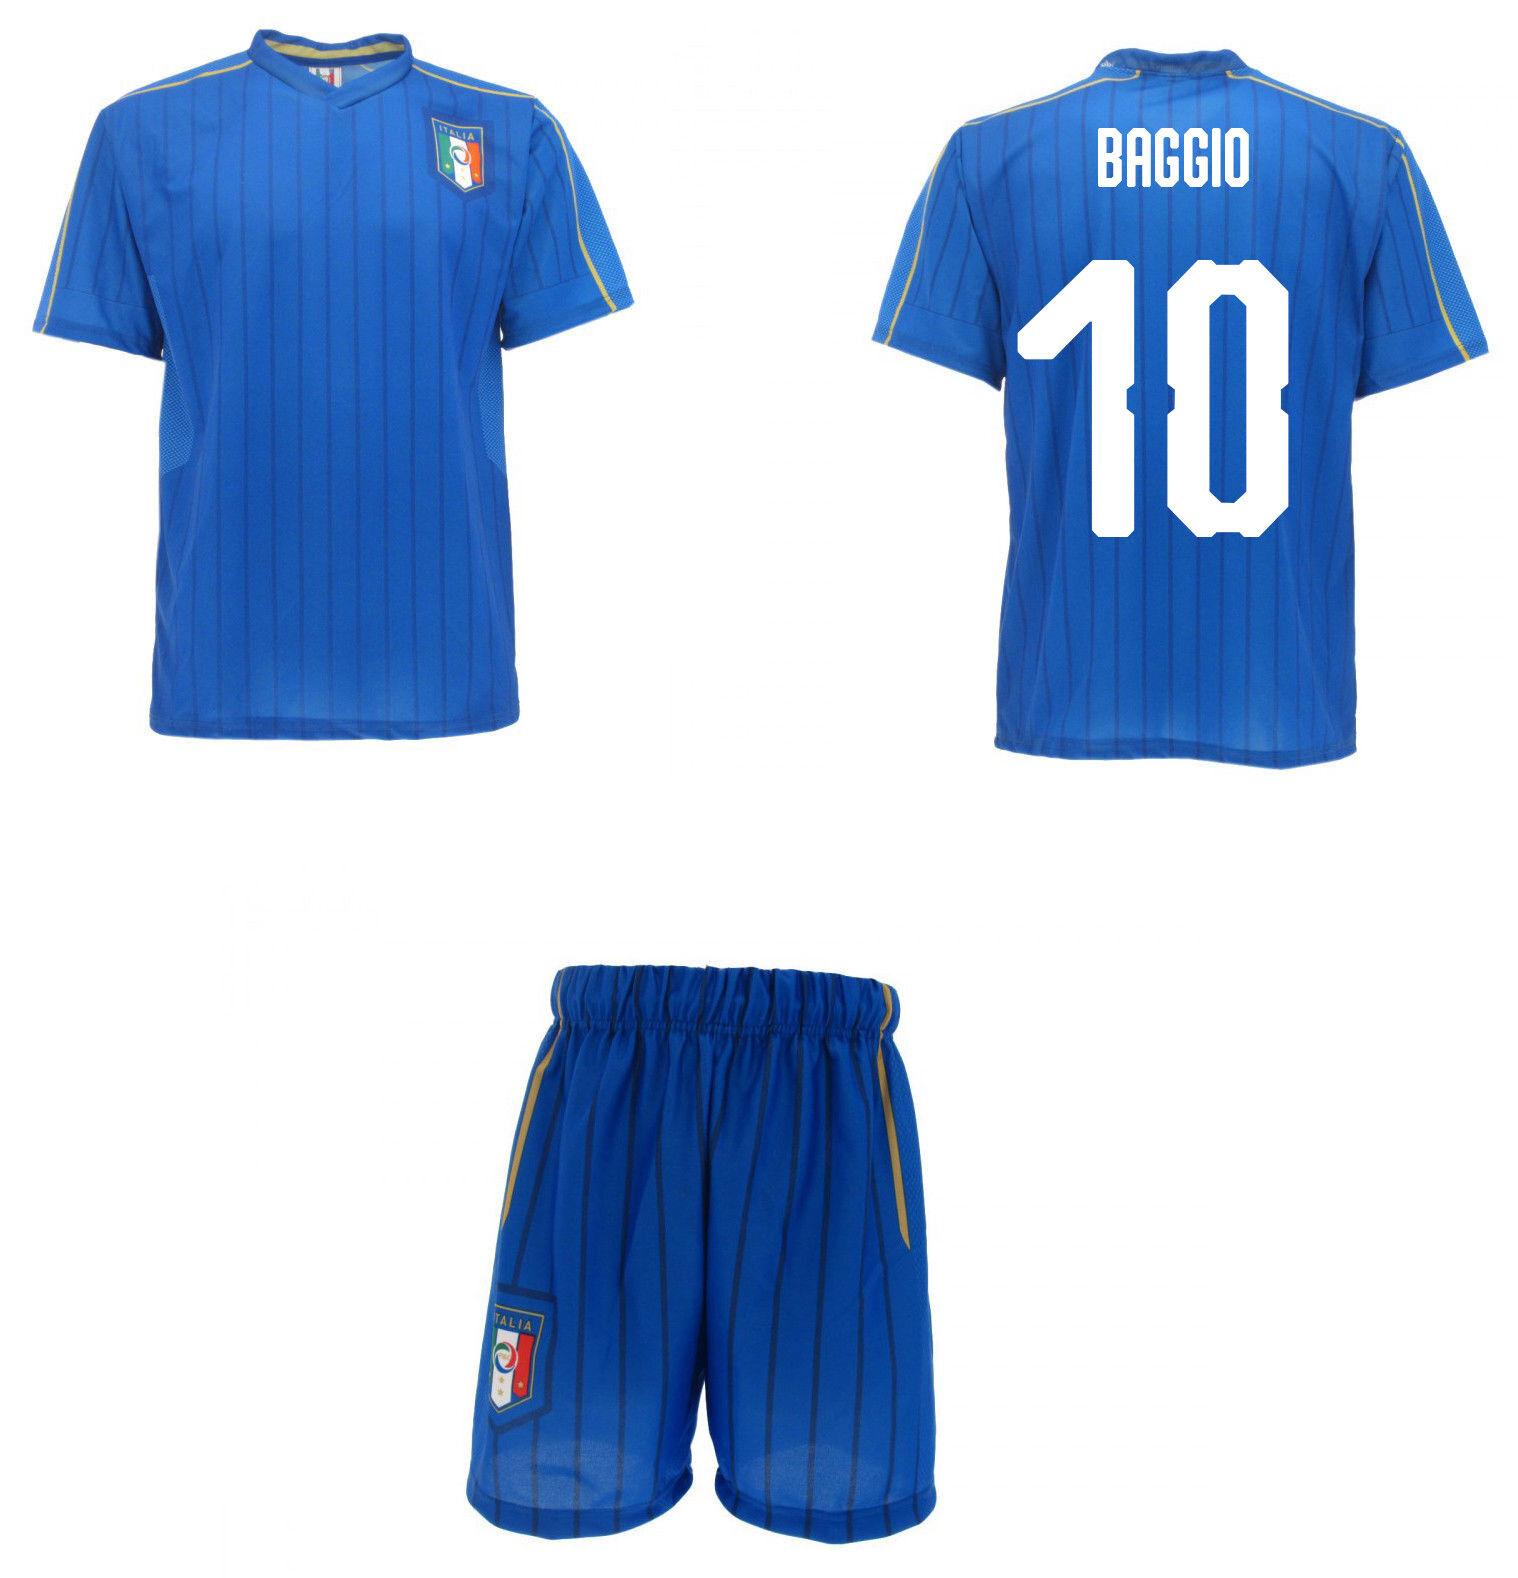 Set offizielle Italien Baggio Baggio Baggio Trikot + Shorts FIGC roberto 10 Zopf a6821f